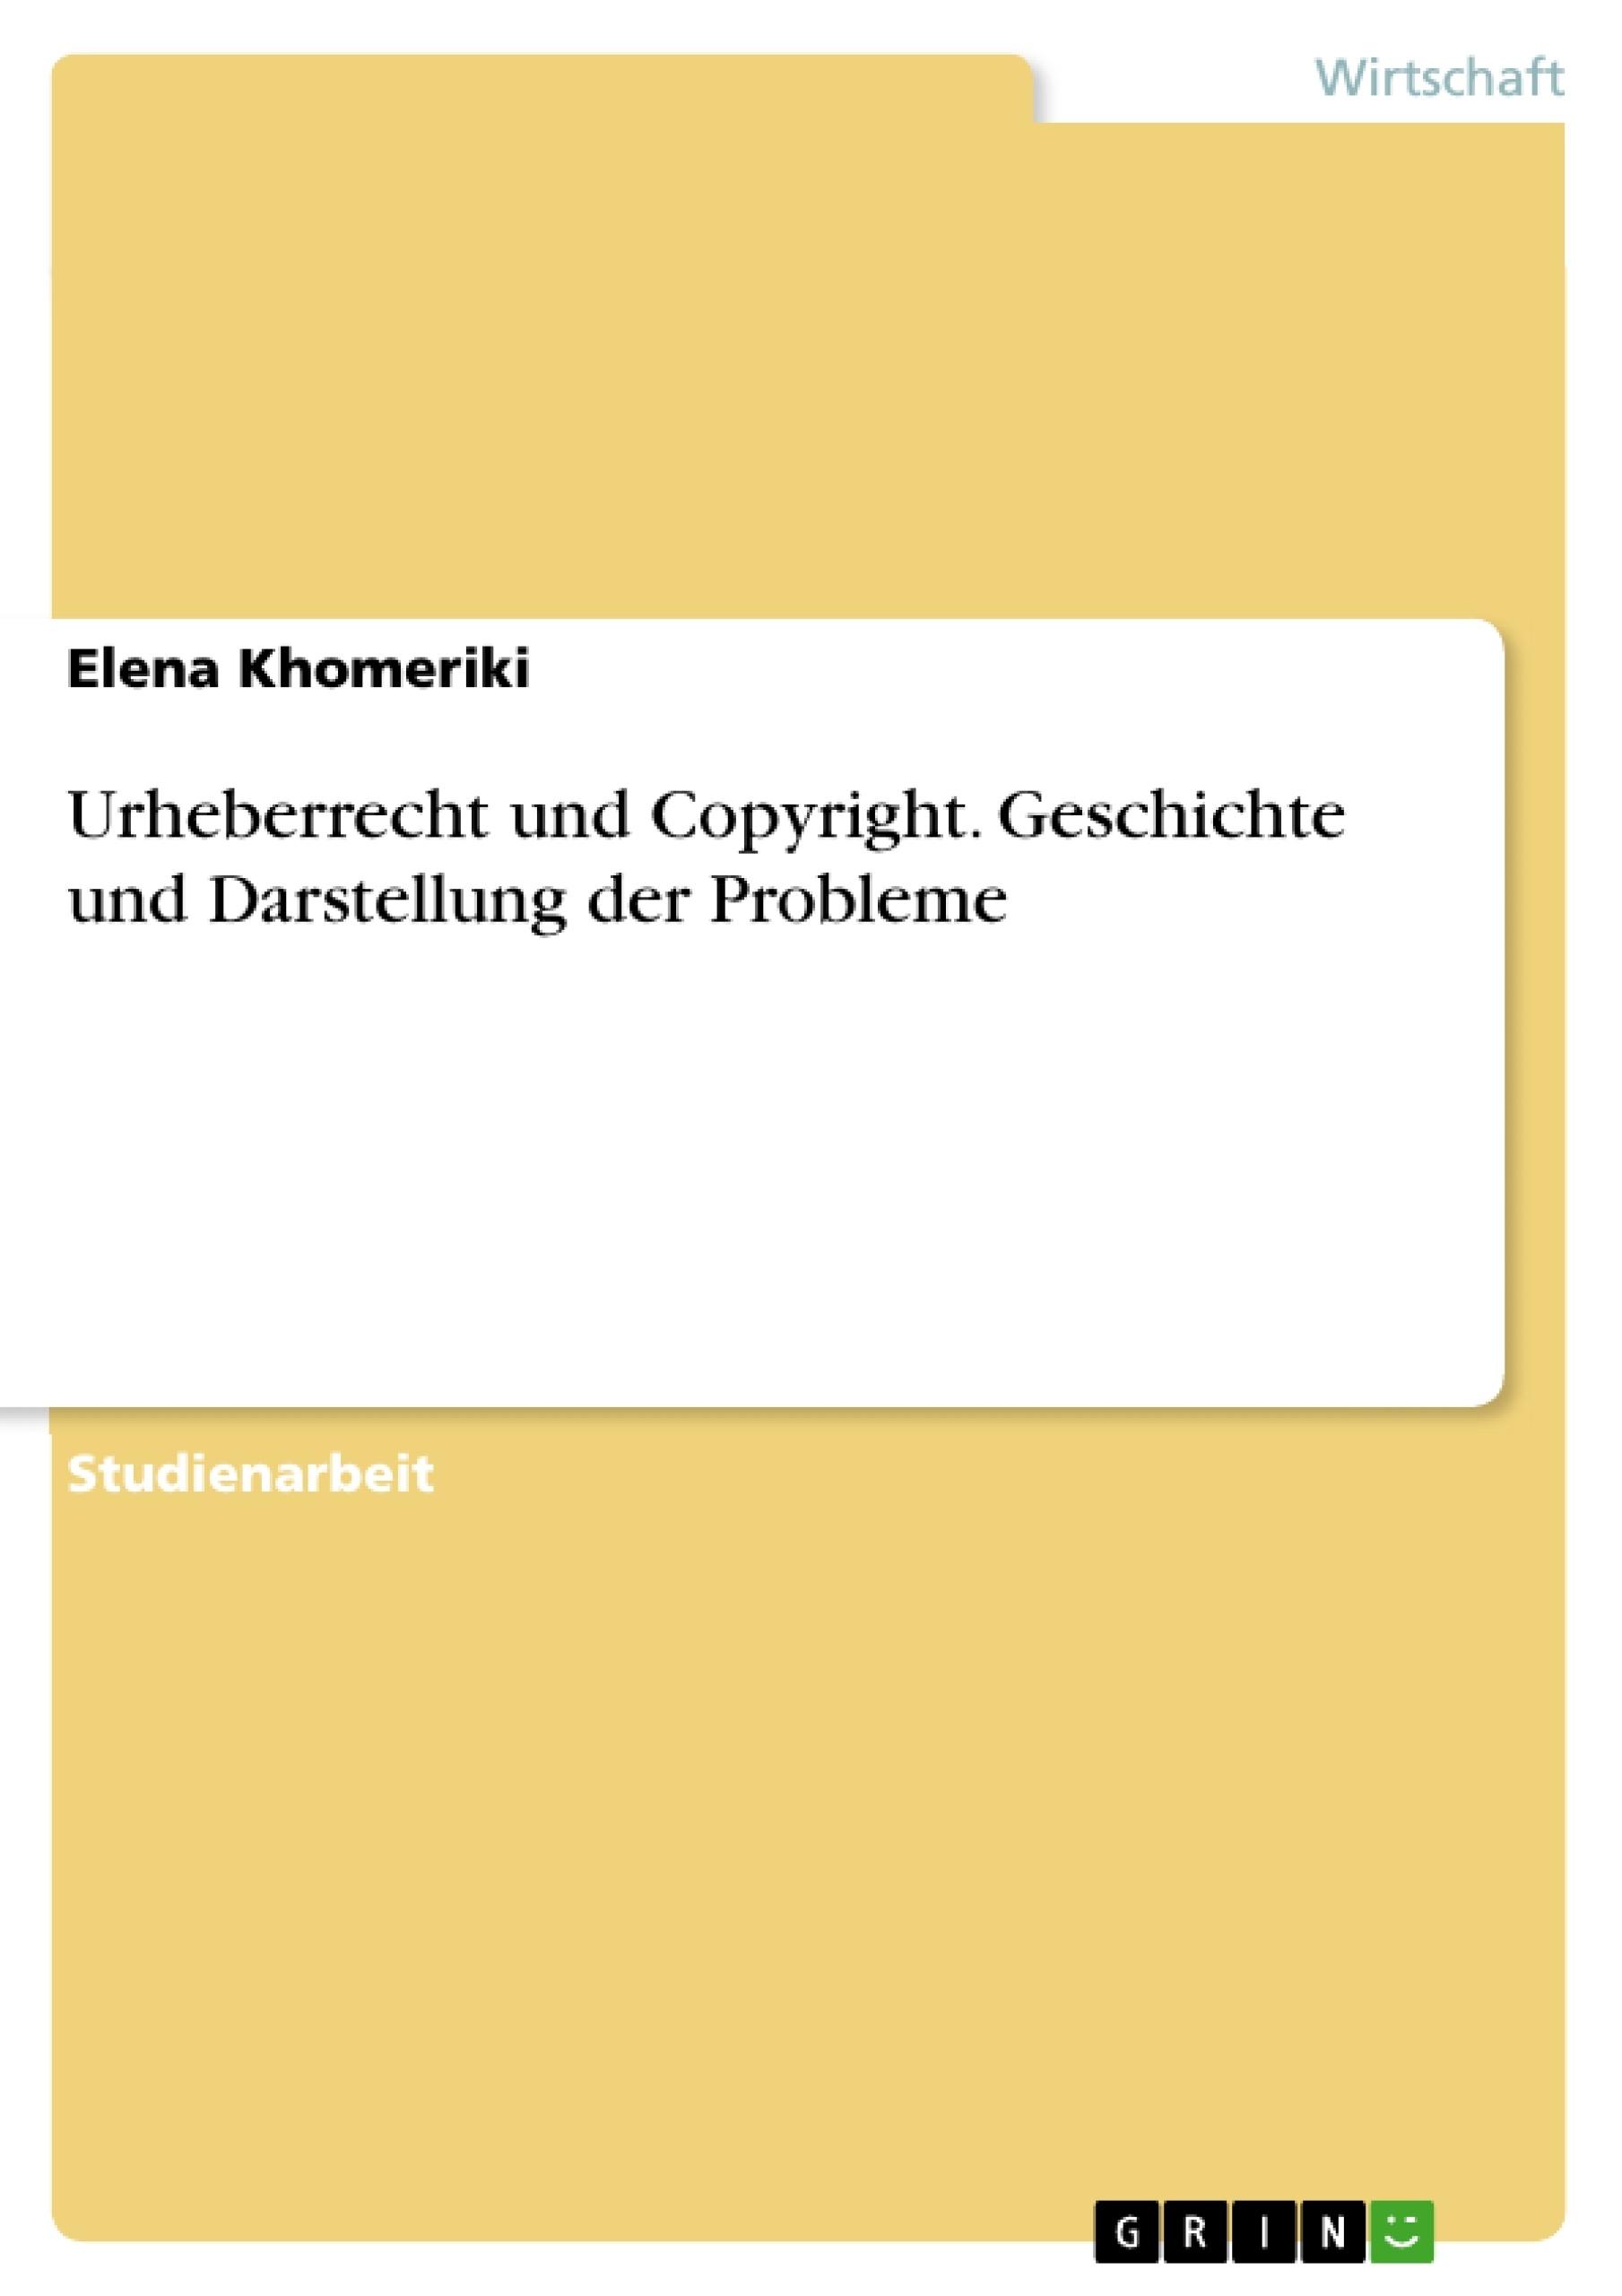 Titel: Urheberrecht und Copyright. Geschichte und Darstellung der Probleme